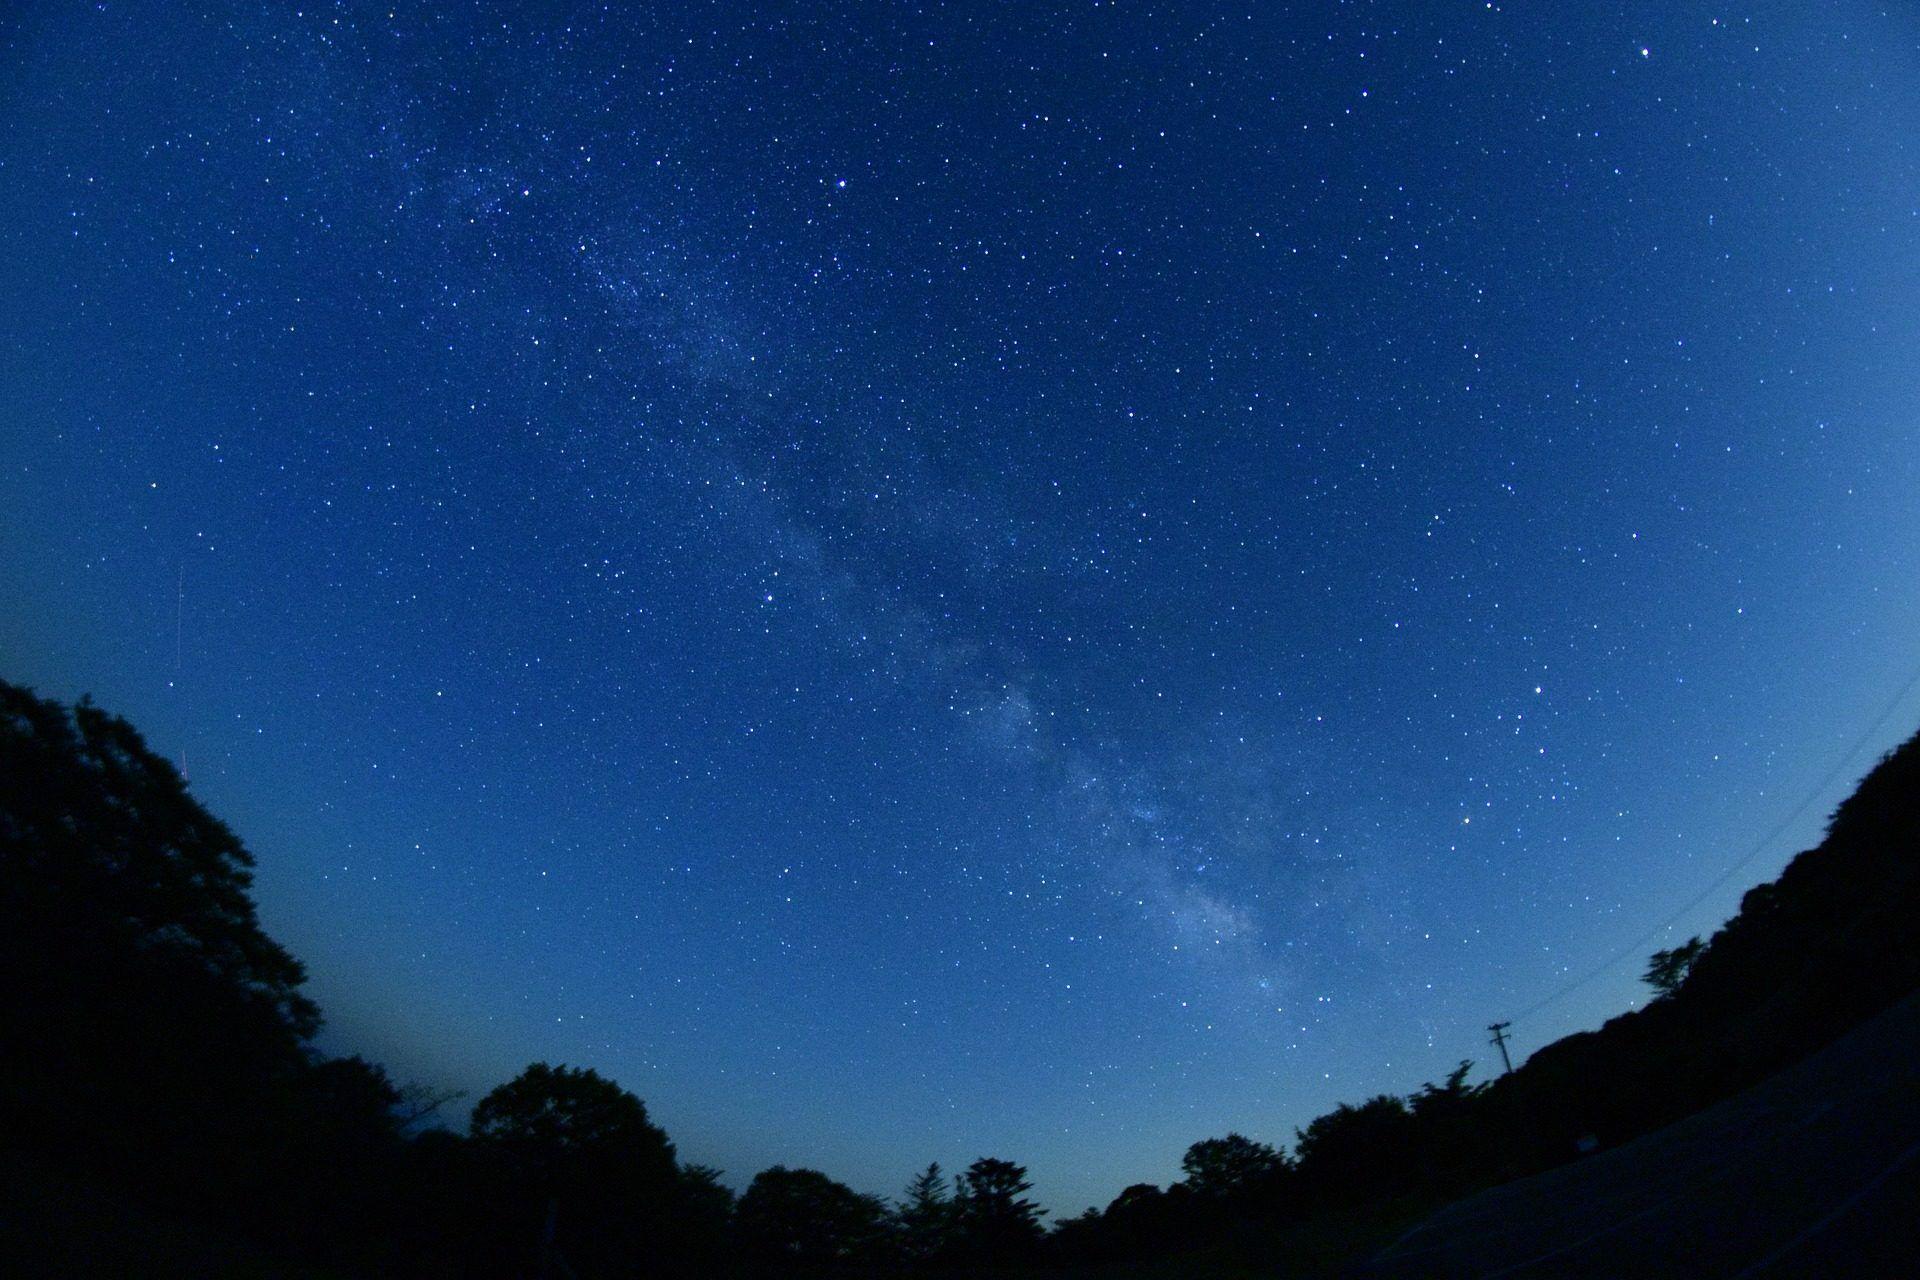 Cielo, Noche, Estrellado, Oscuridad, Estrellas, 1703261044